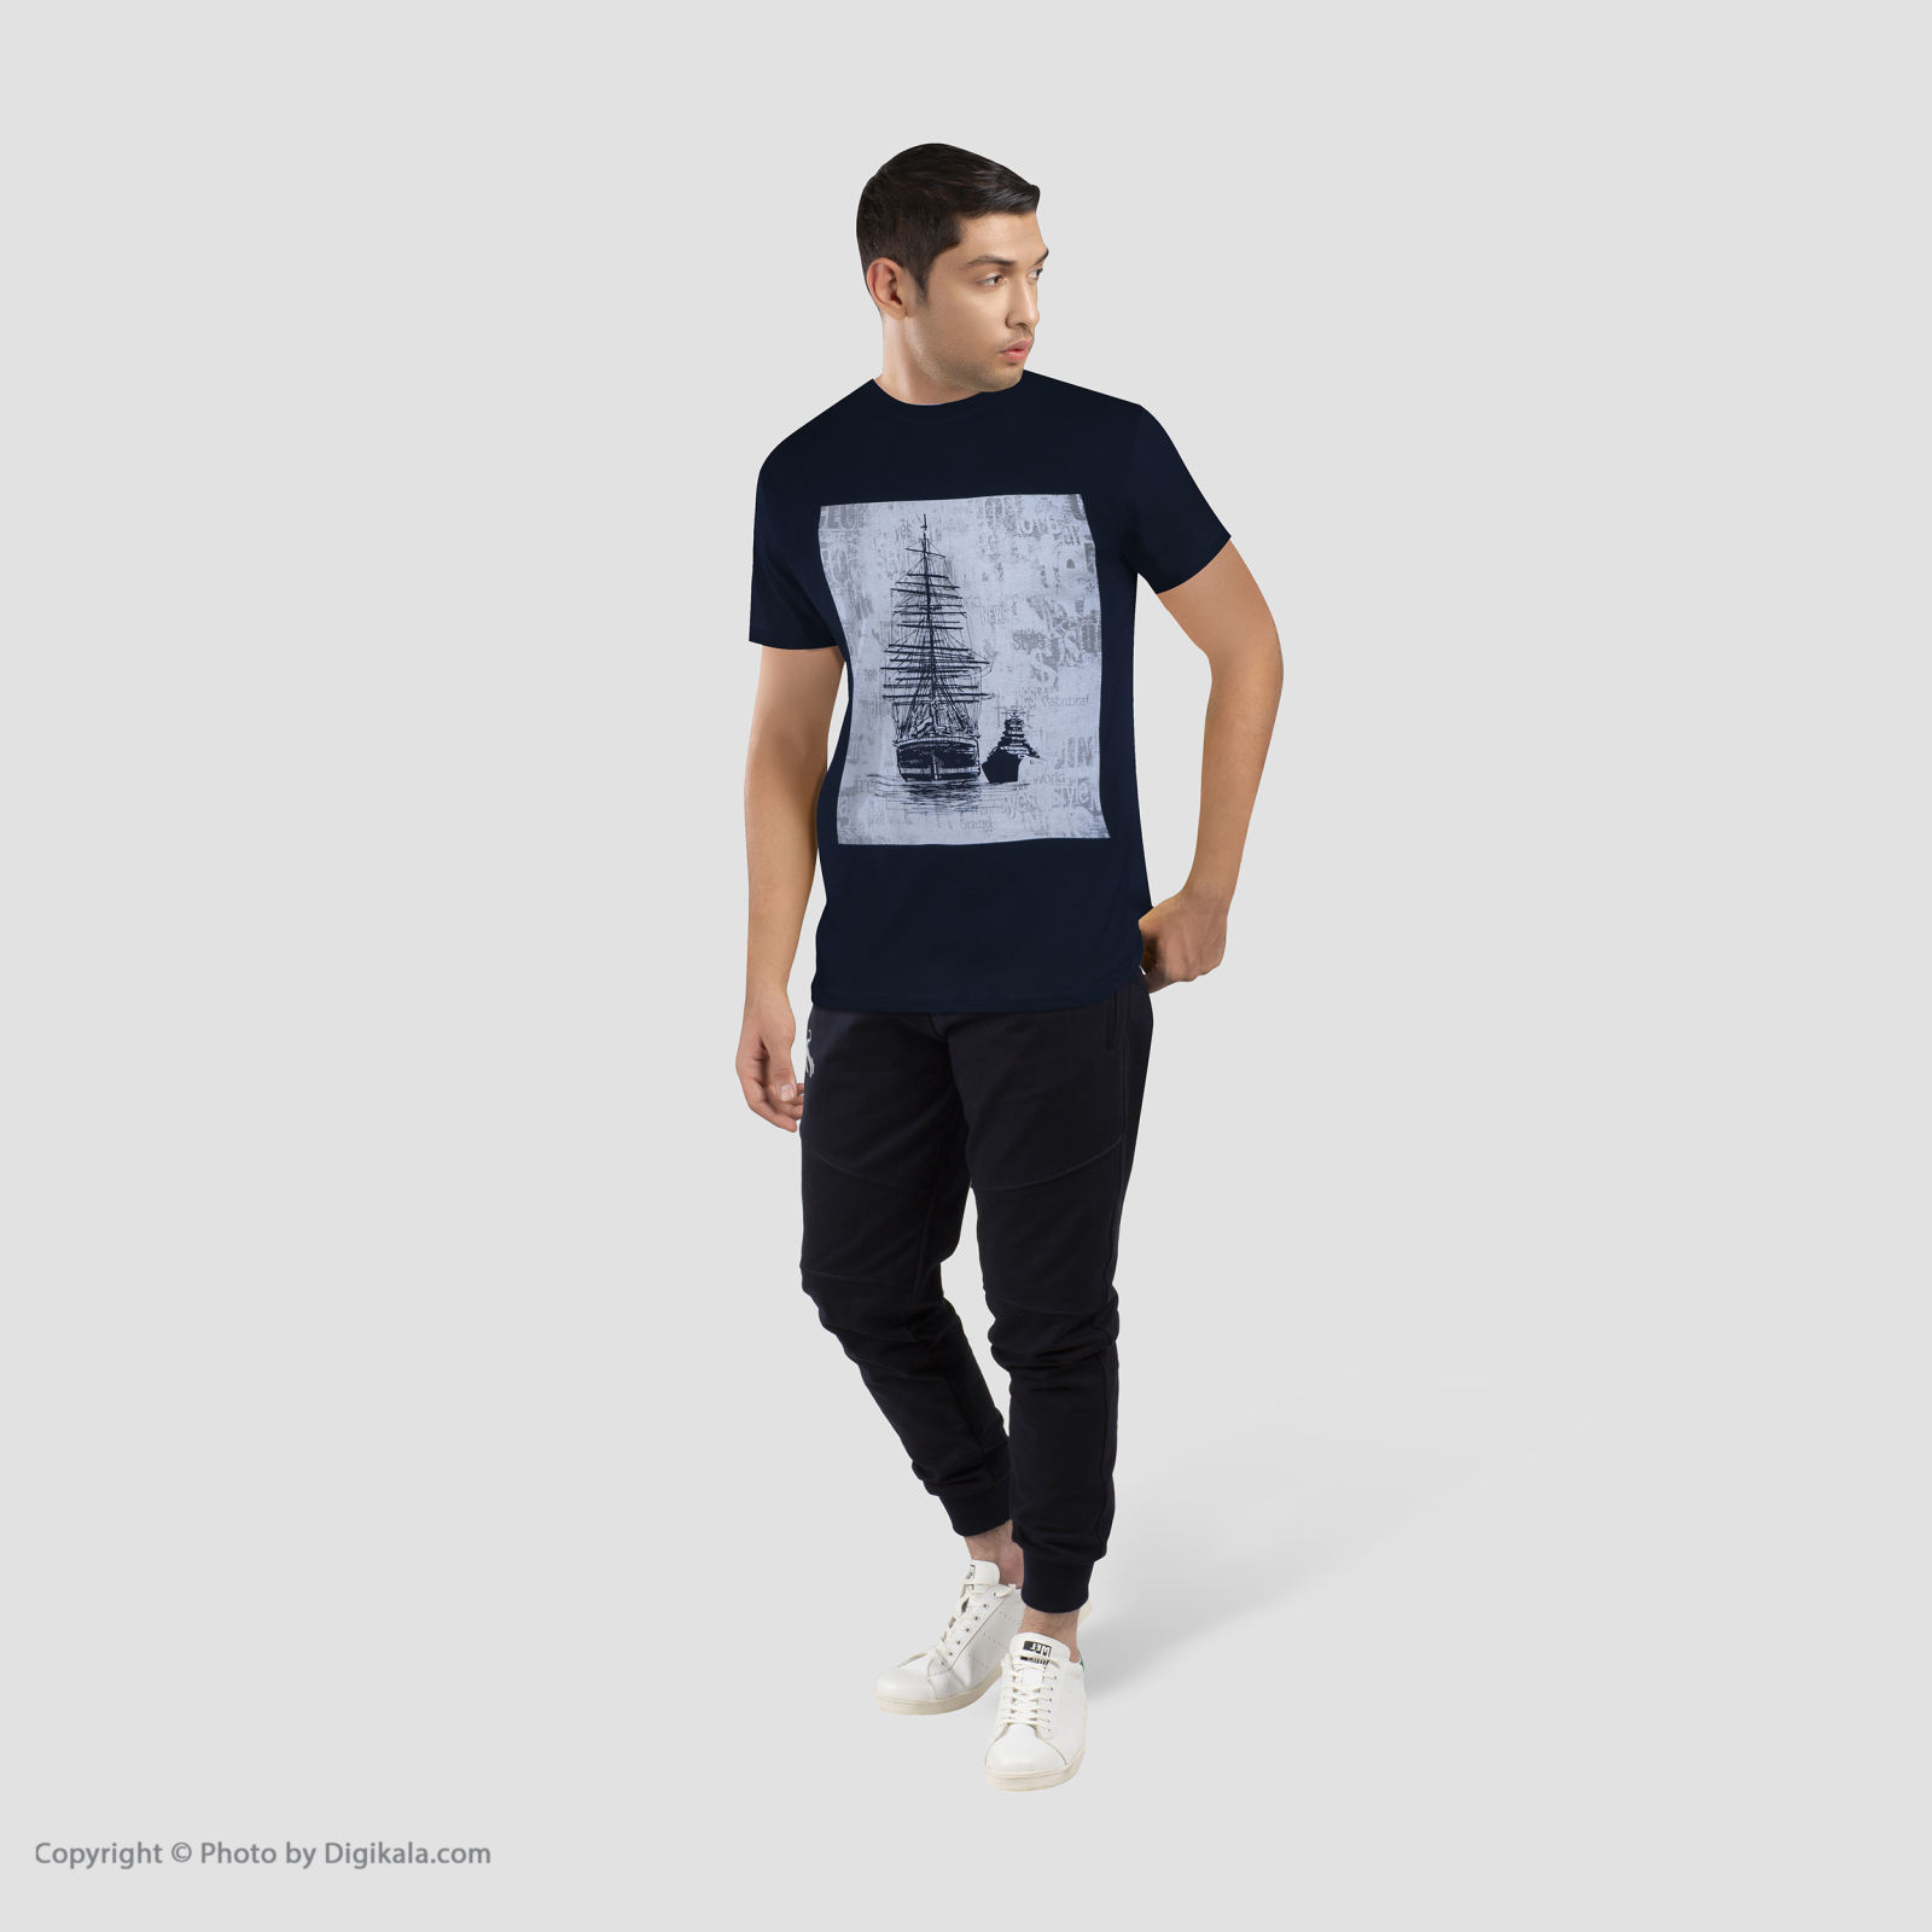 تیشرت مردانه جامه پوش آرا مدل 4011019355-59 -  - 9